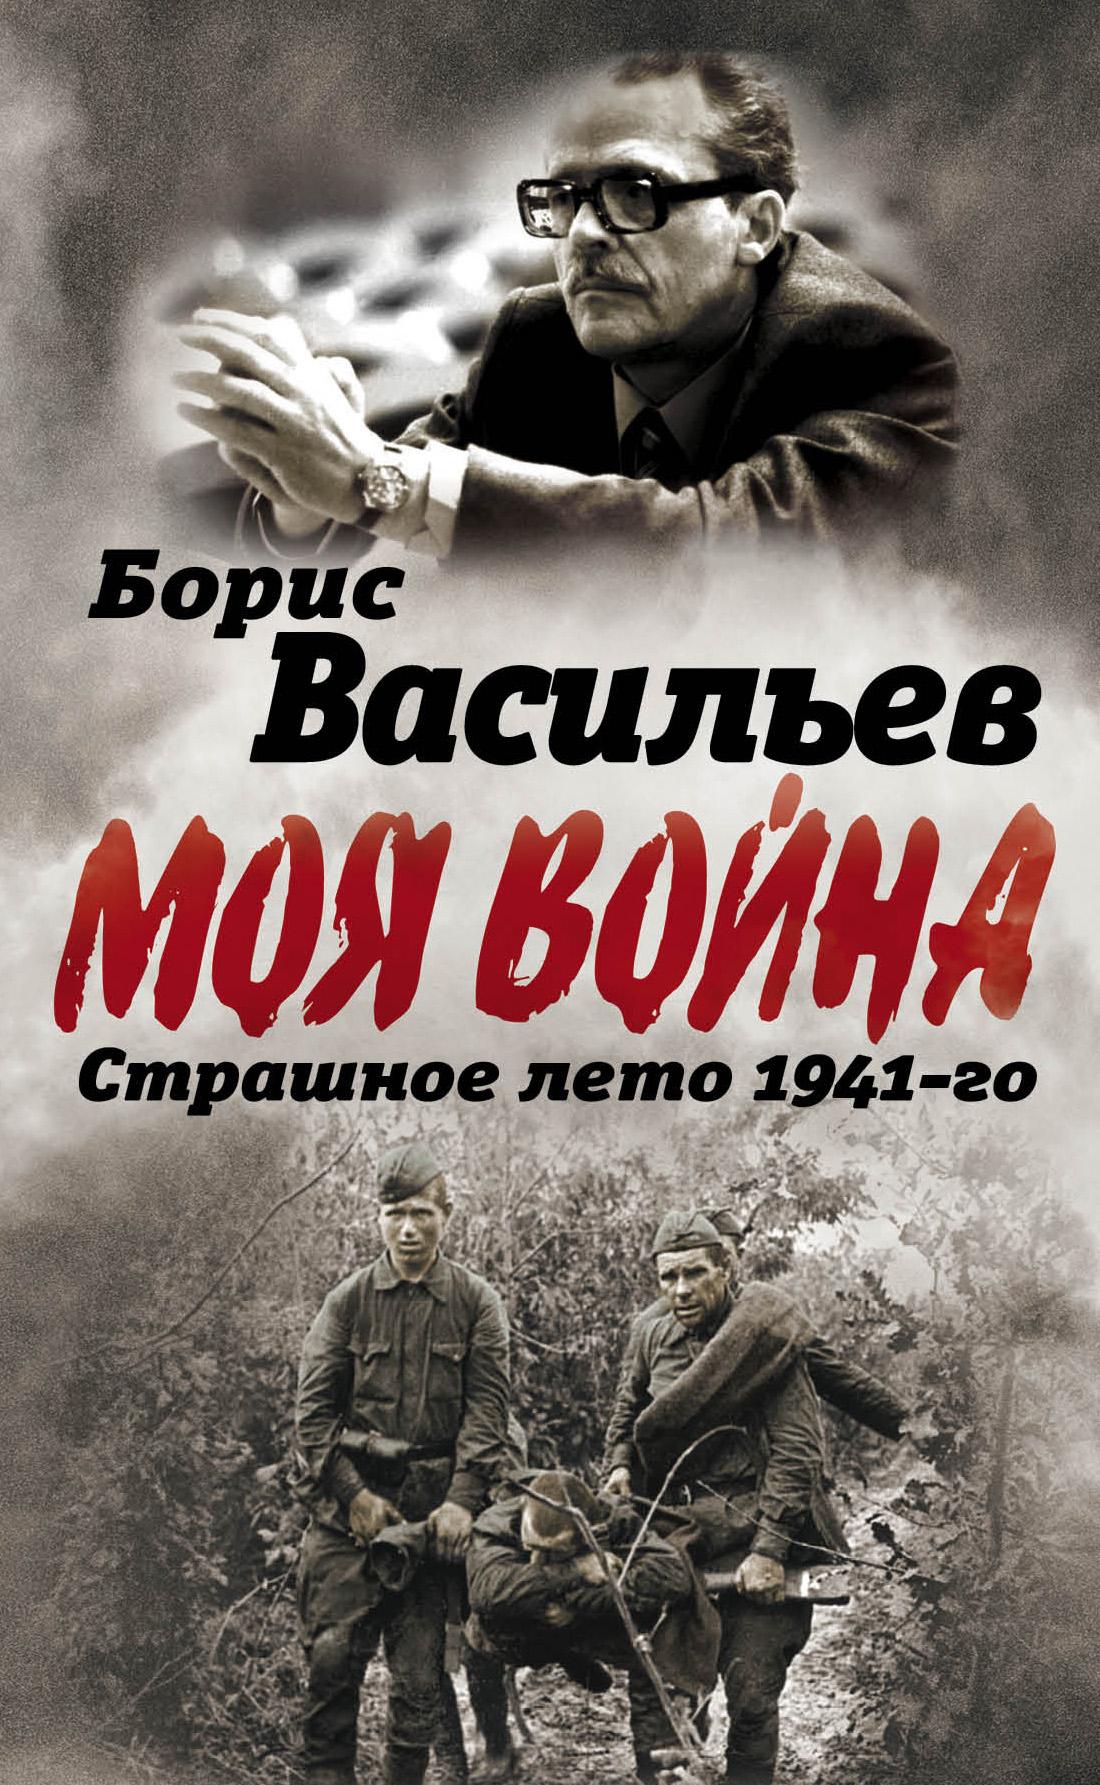 Борис Васильев В окружении. Страшное лето 1941-го цена